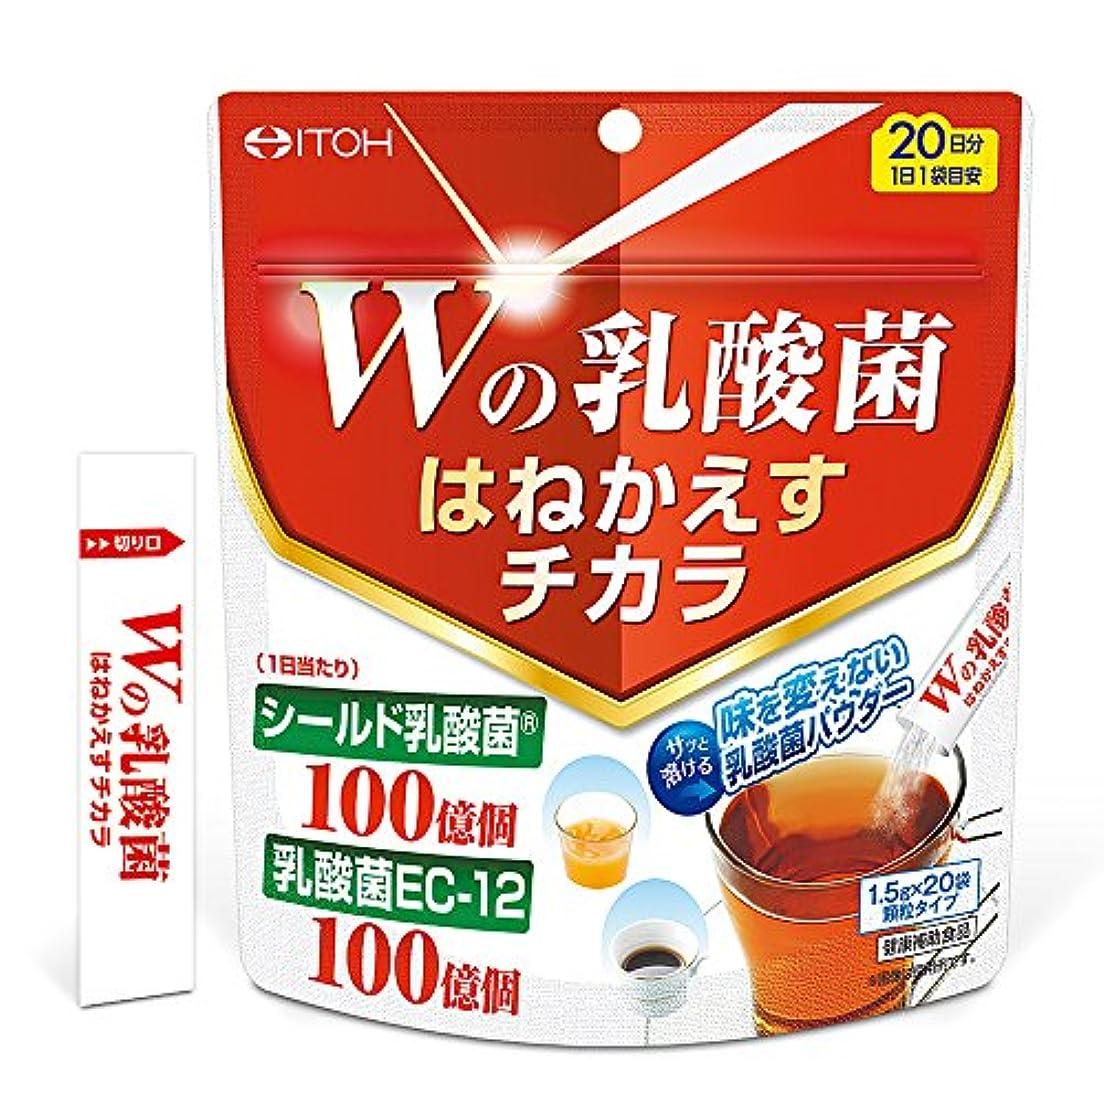 追い出す波紋速報井藤漢方製薬 Wの乳酸菌はねかえすチカラ 20袋